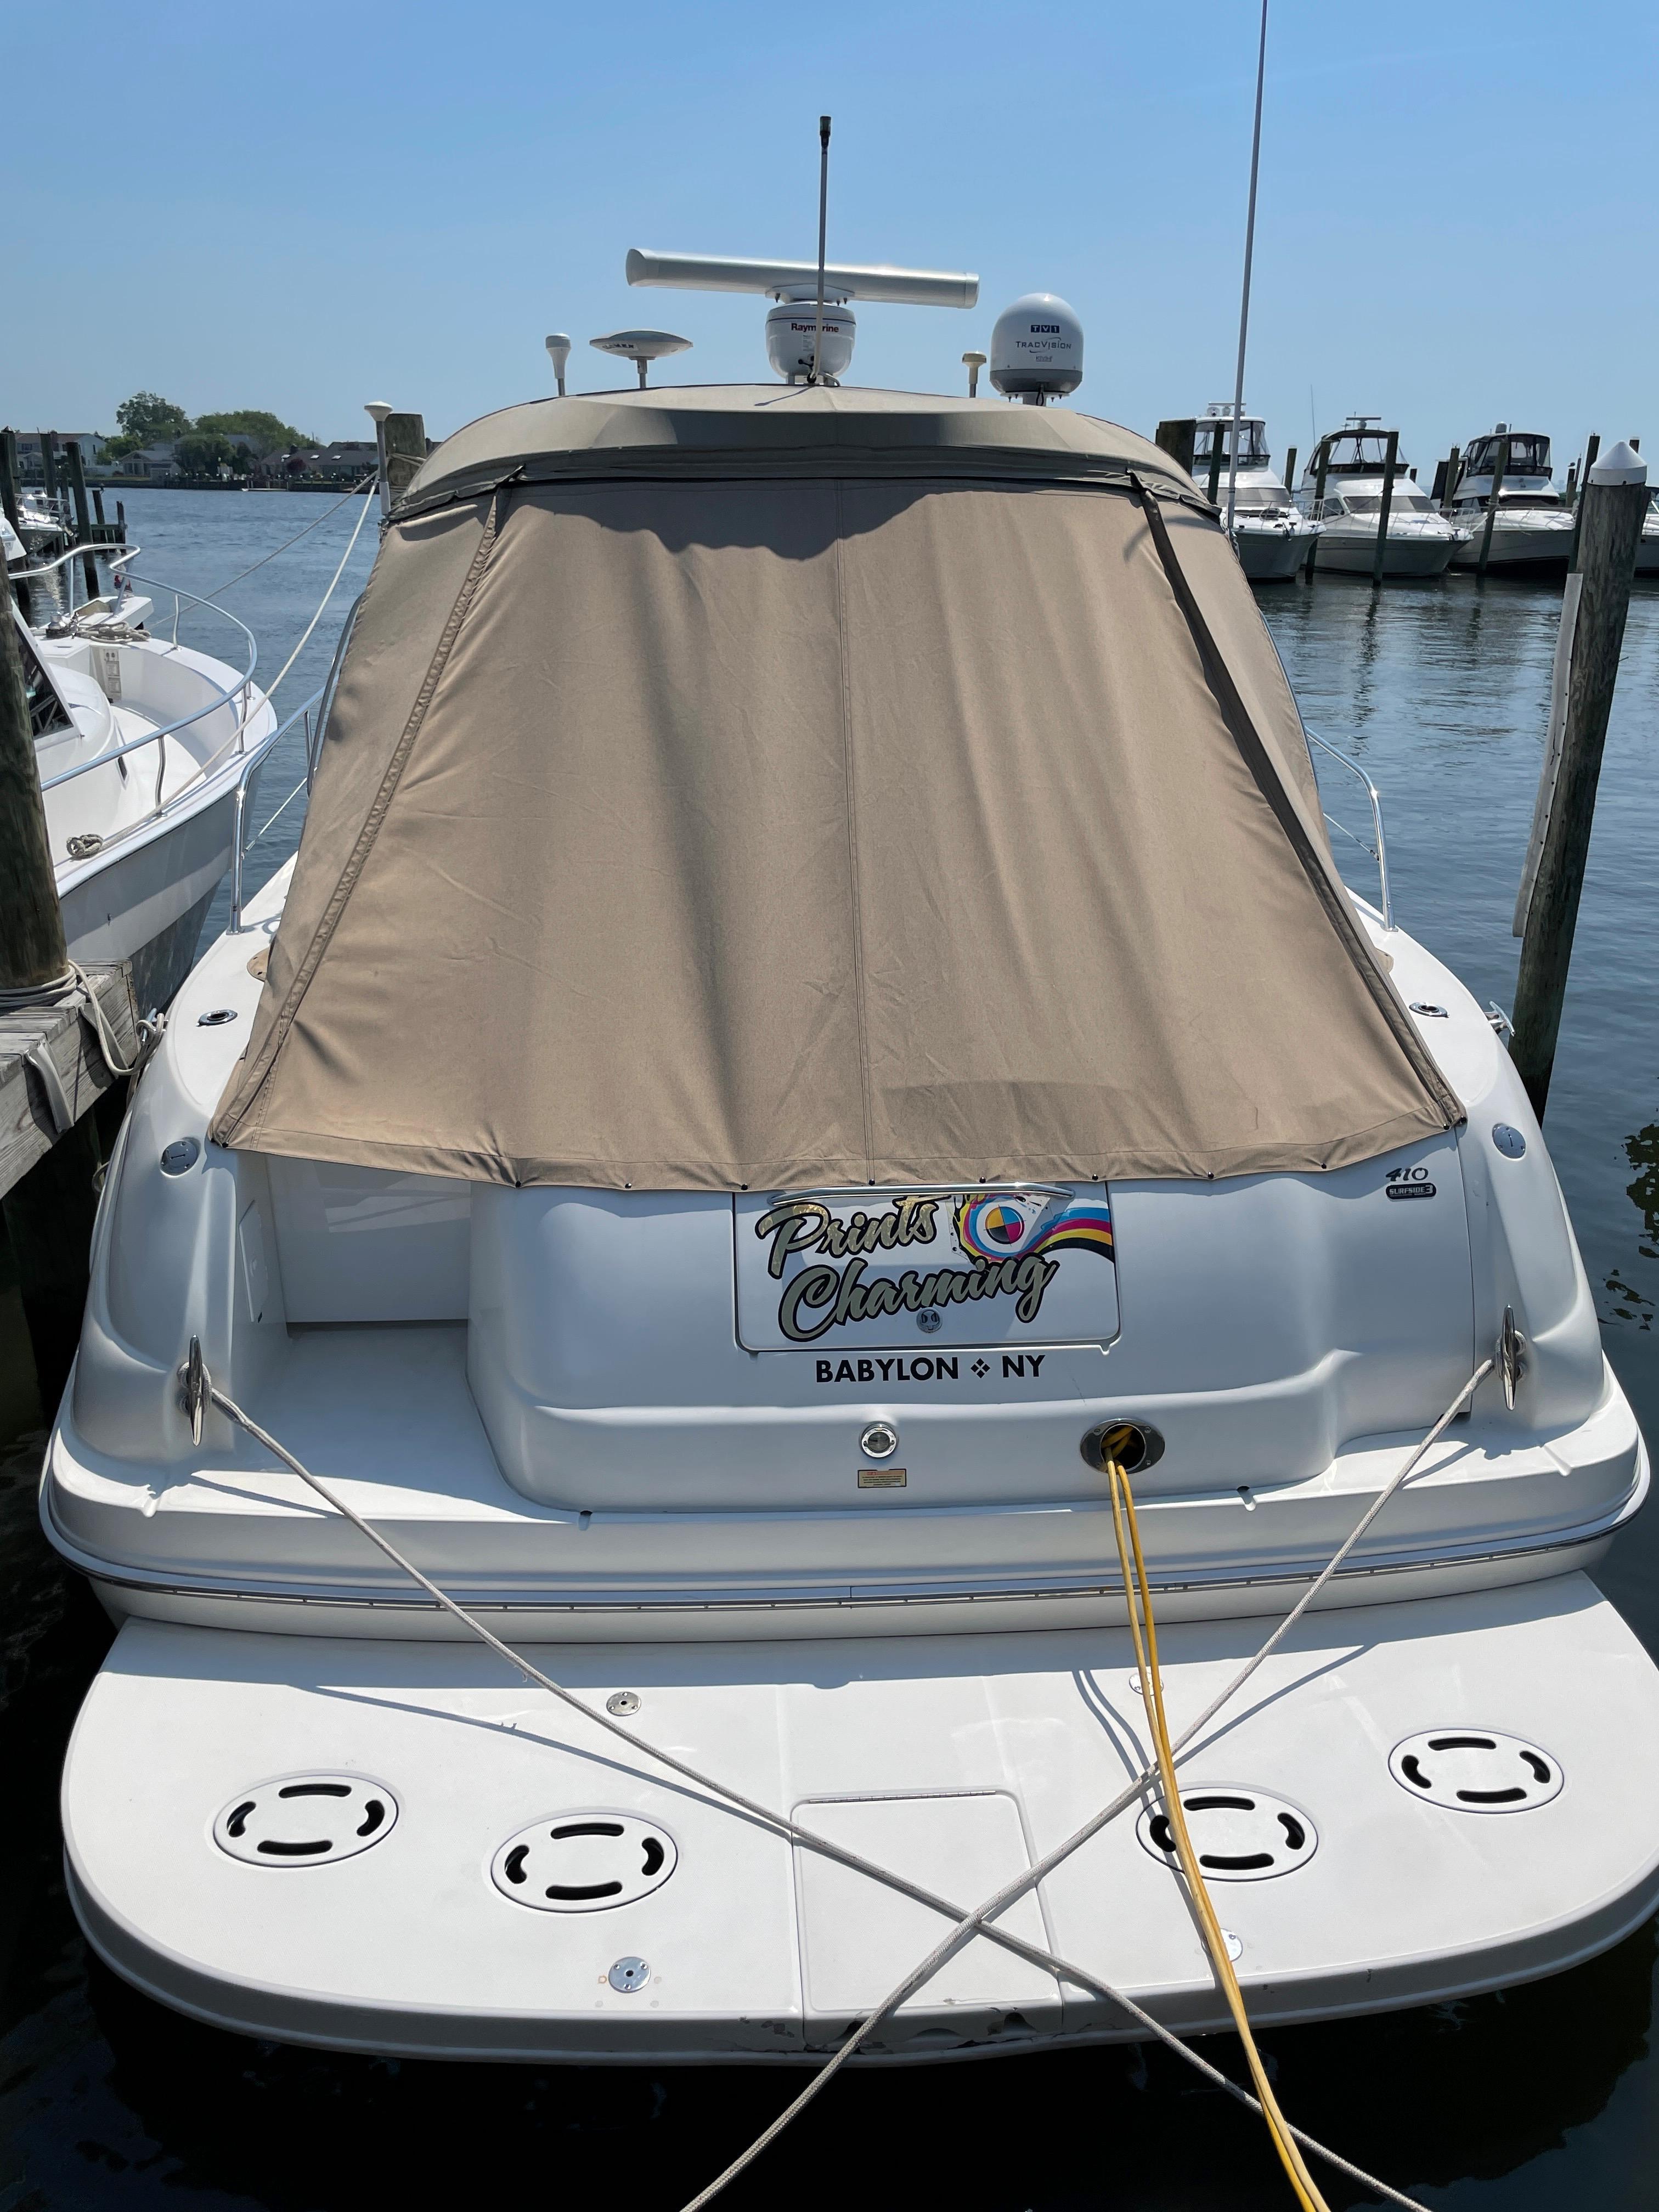 NY 6185 KM Knot 10 Yacht Sales